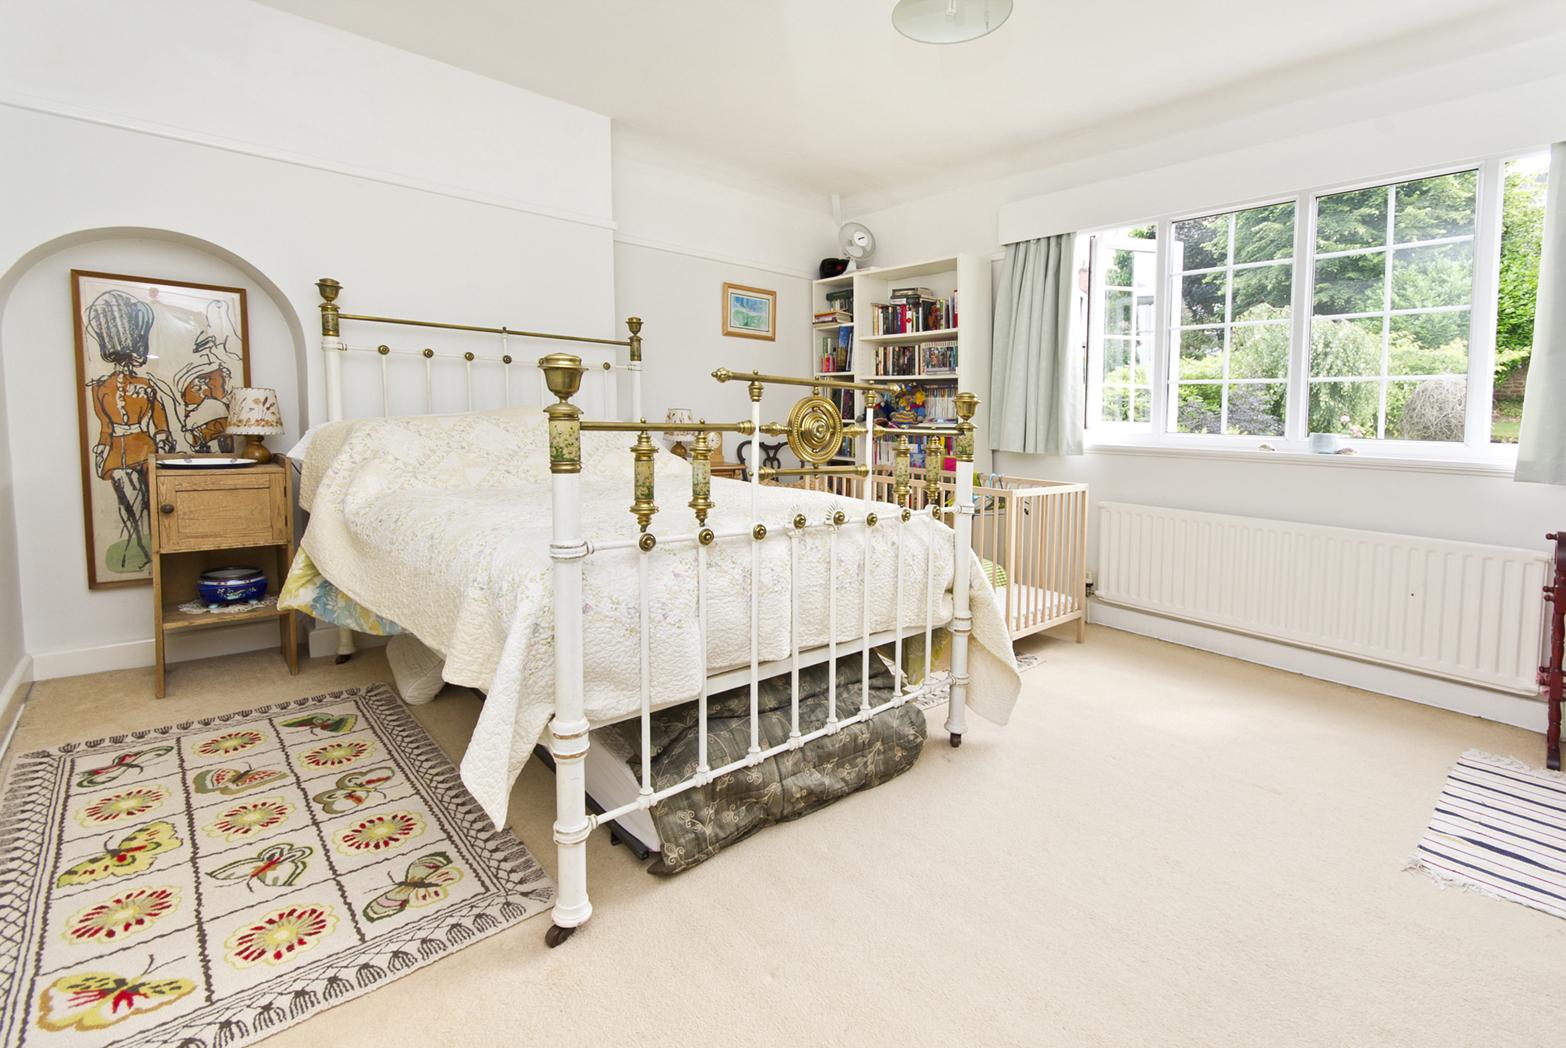 Bedroom interior from Talk Green